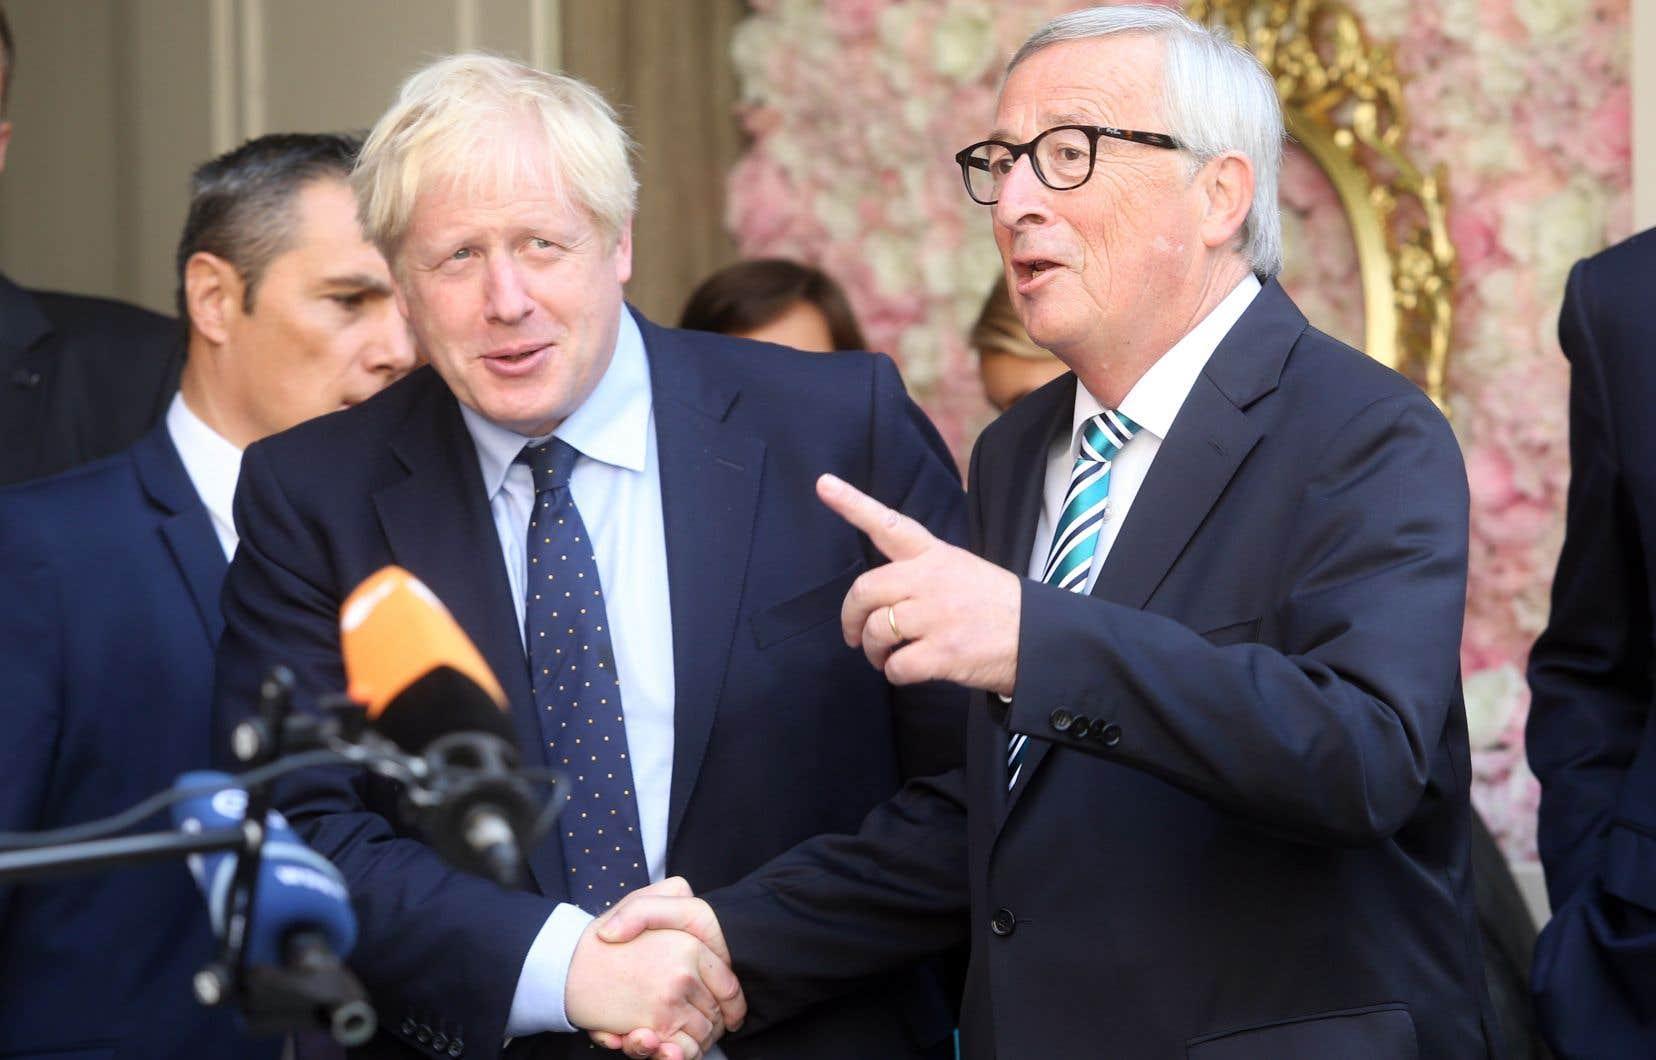 Le premier ministre britannique, Boris Johnson, etle président de la Commission européenne, Jean-Claude Juncker.